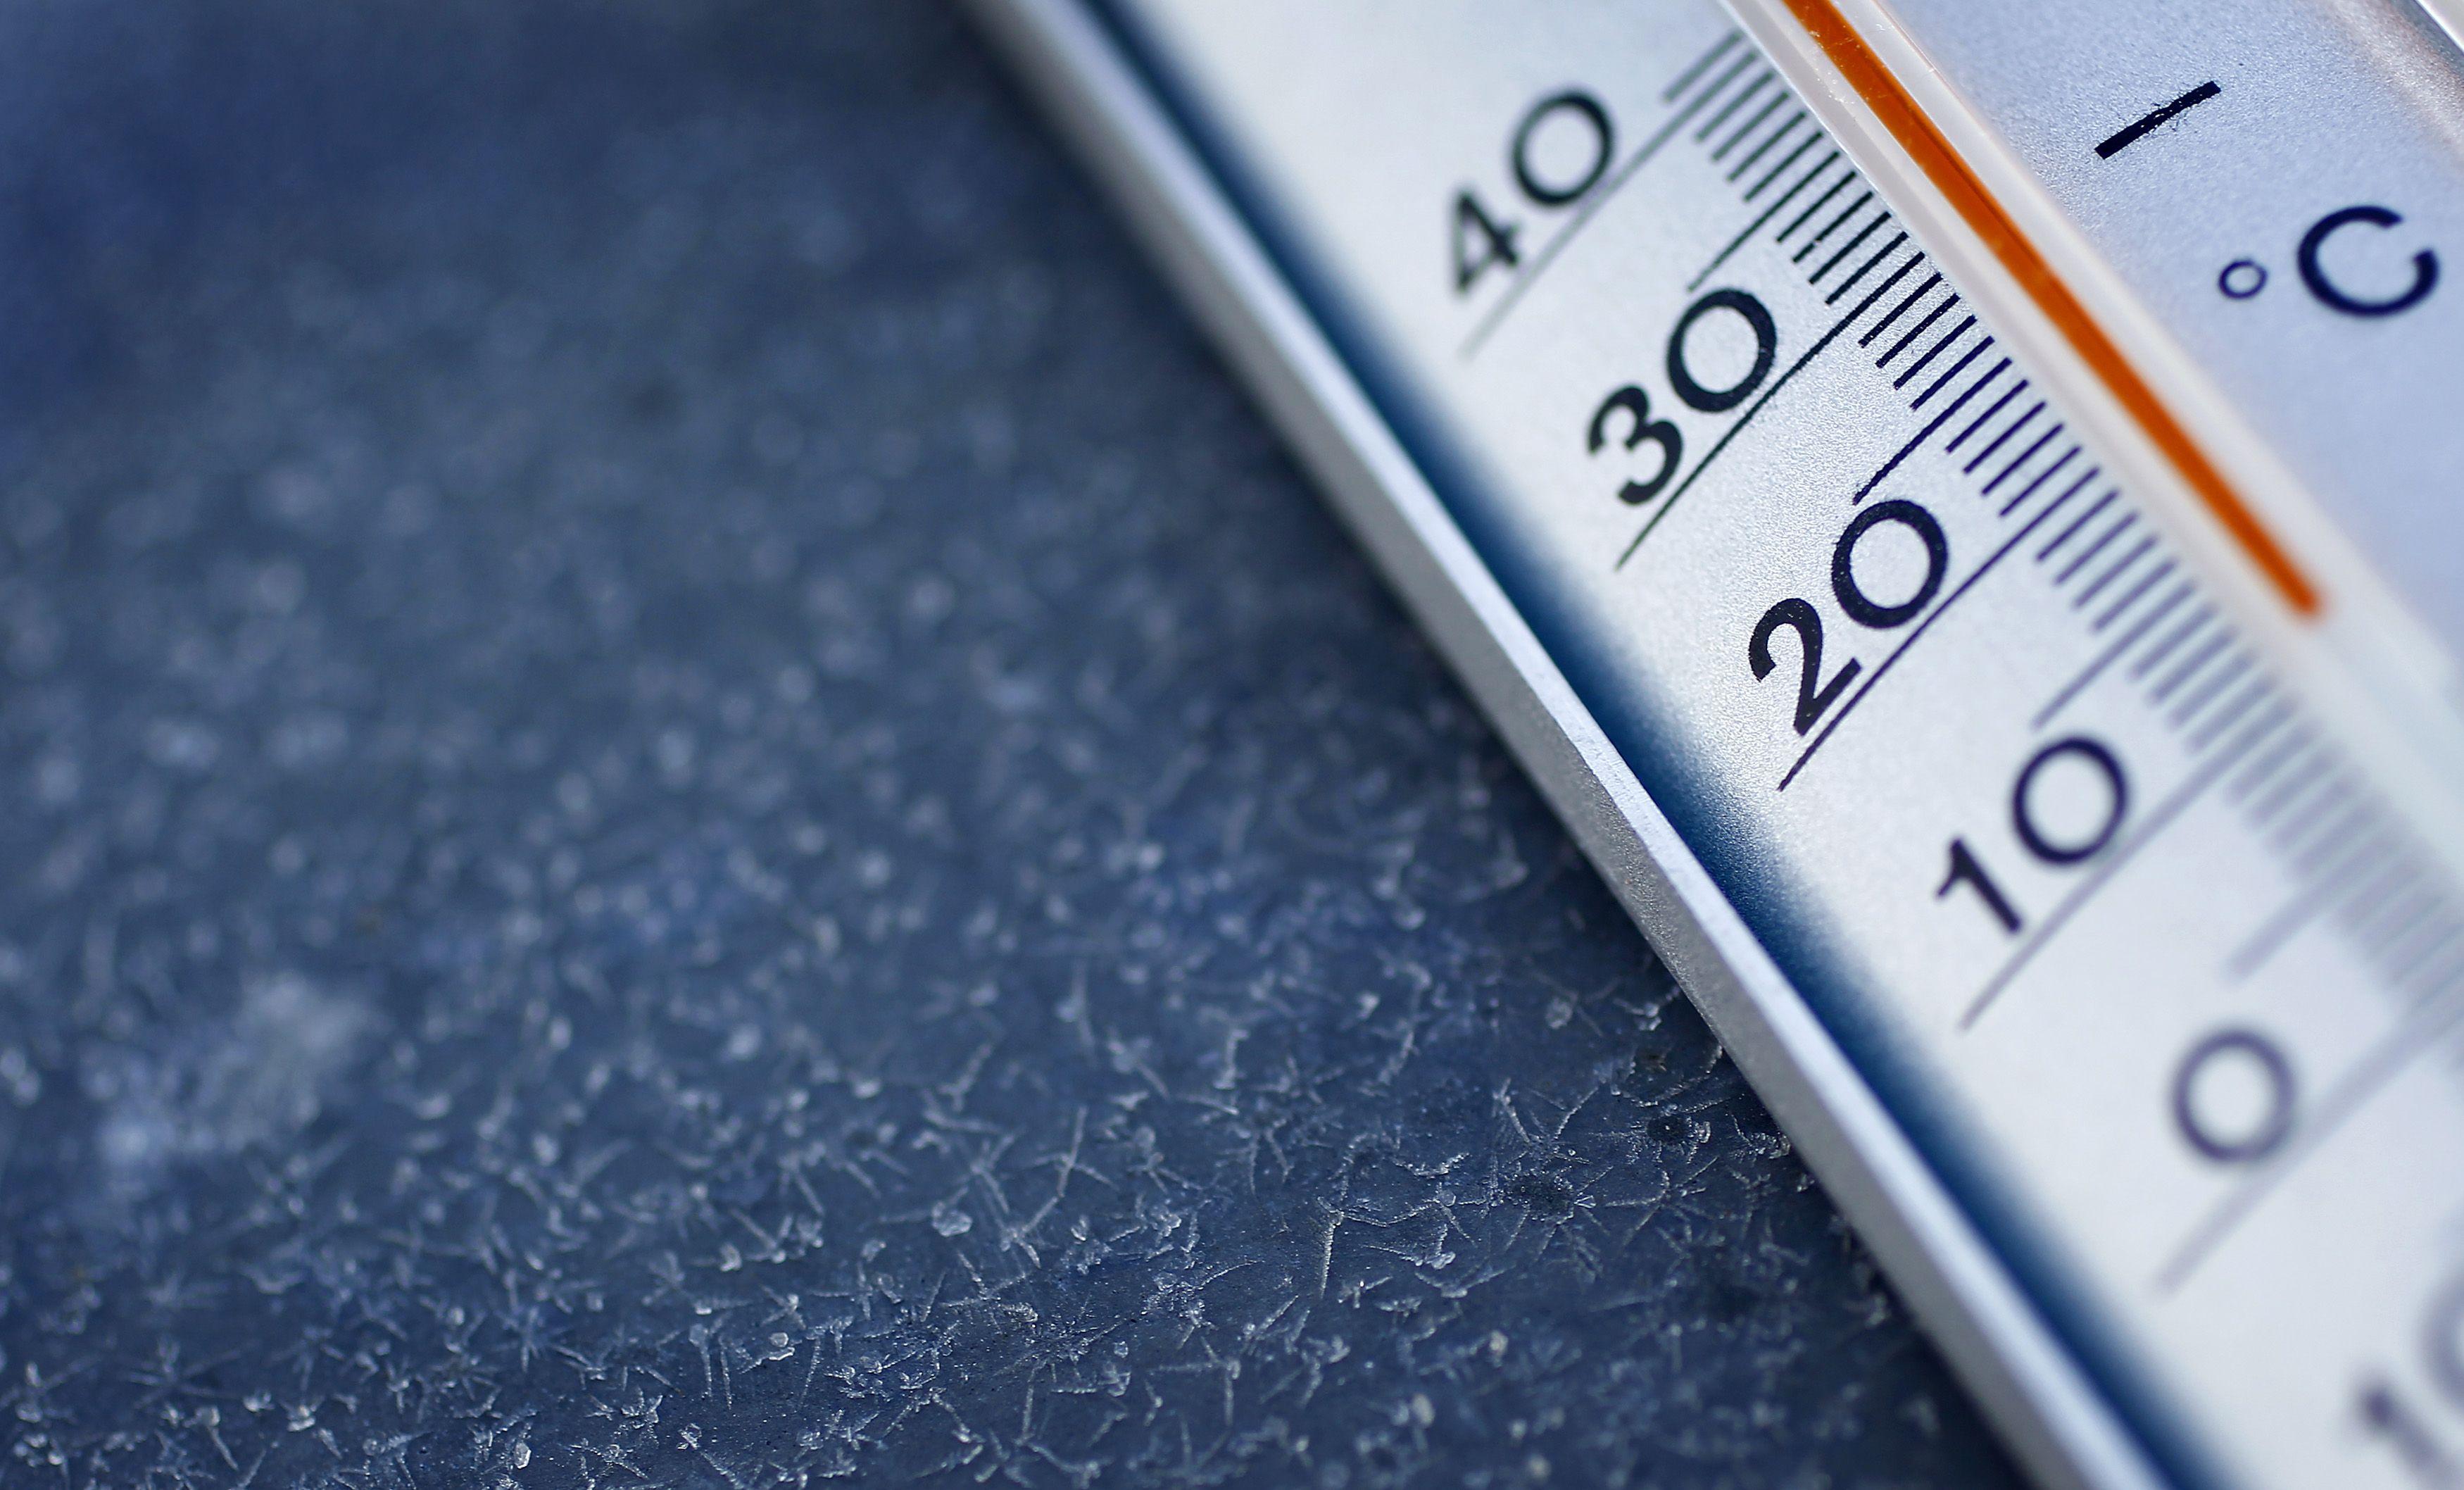 Quand le thermomètre augmente, les kilos diminuent.